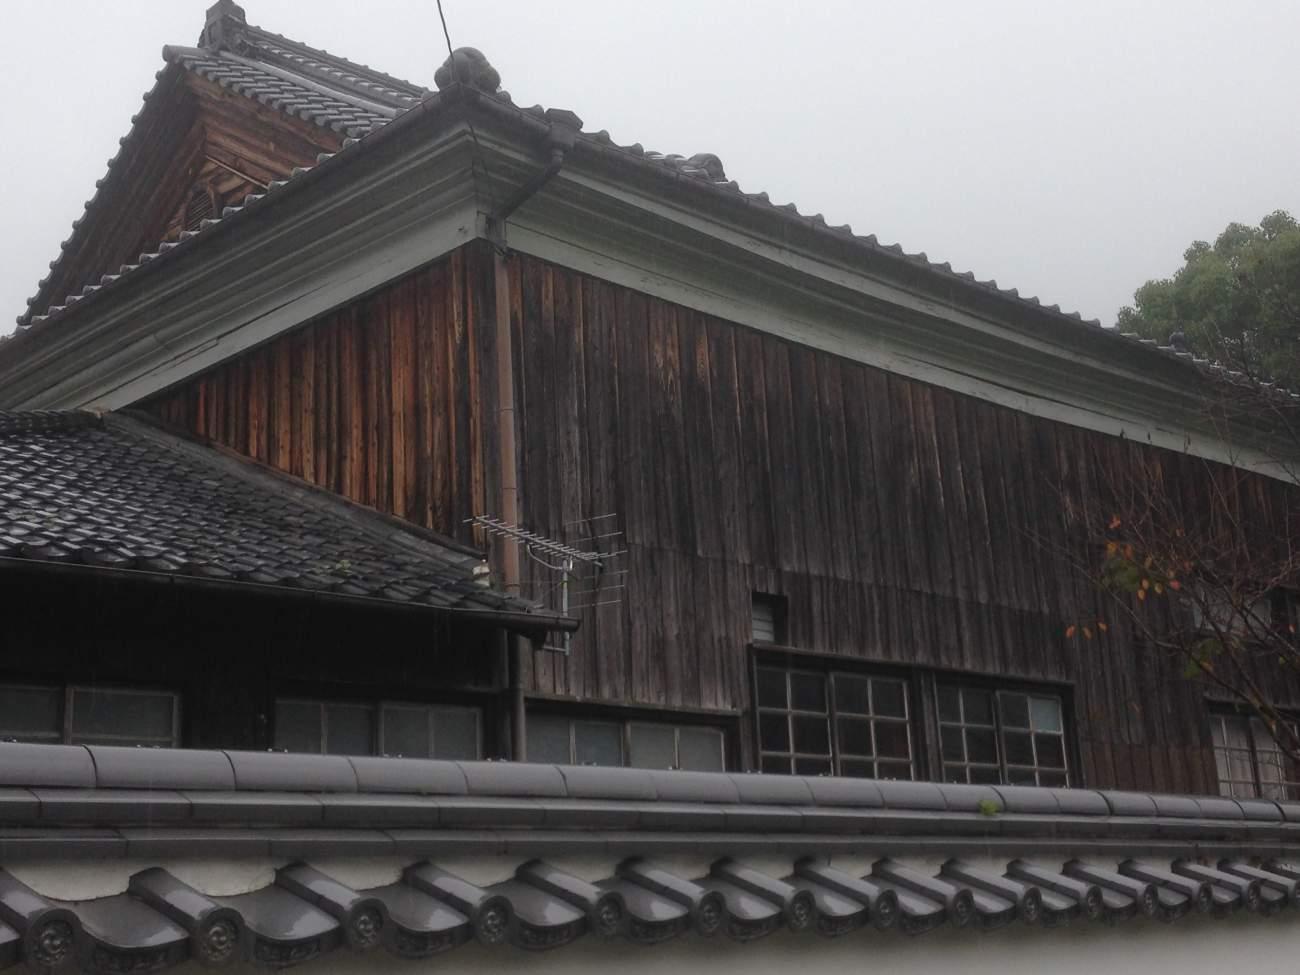 bardage bois brûlé yakisugi au japon BØISNØIR